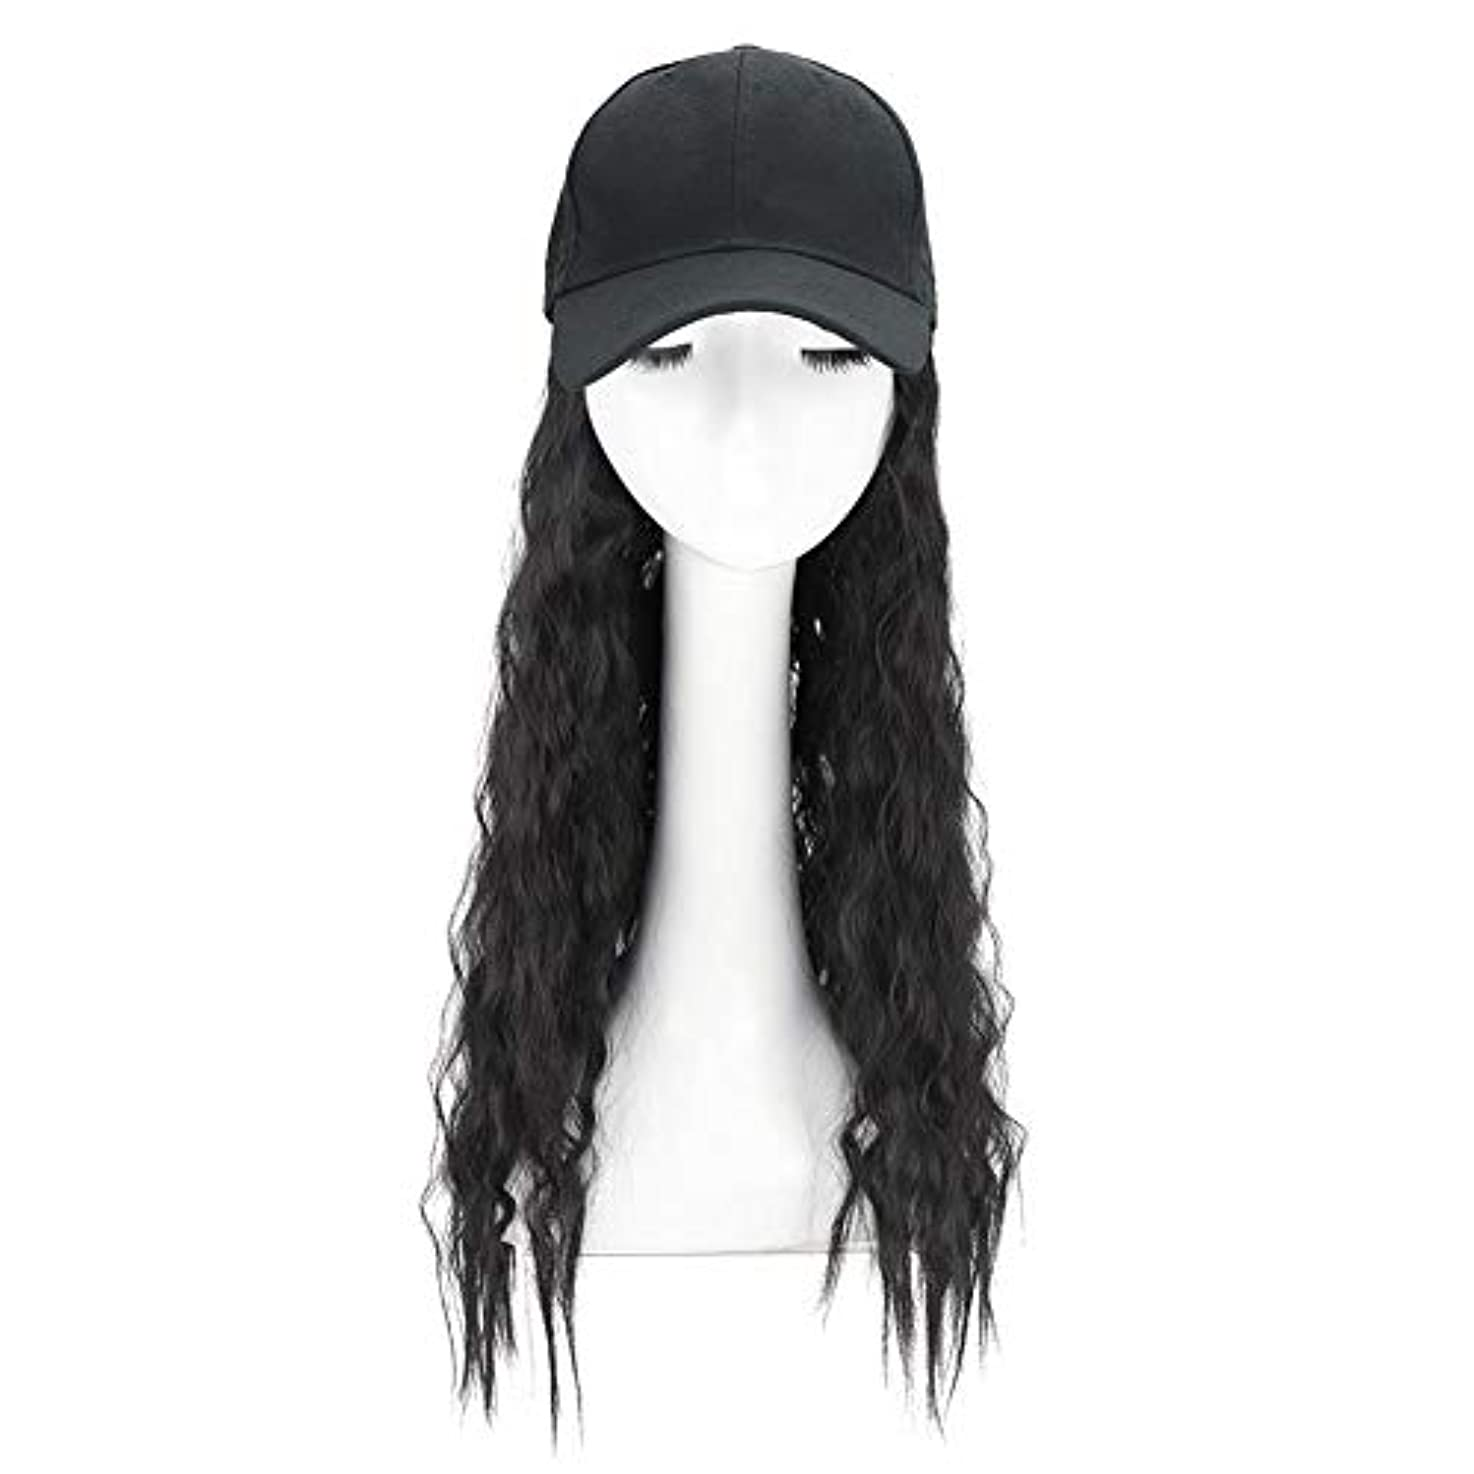 苦味失望させる保全Brill(ブリーオ)帽子ロングカーリーウェーブ女性ファッション野球帽ブラックウィッグ